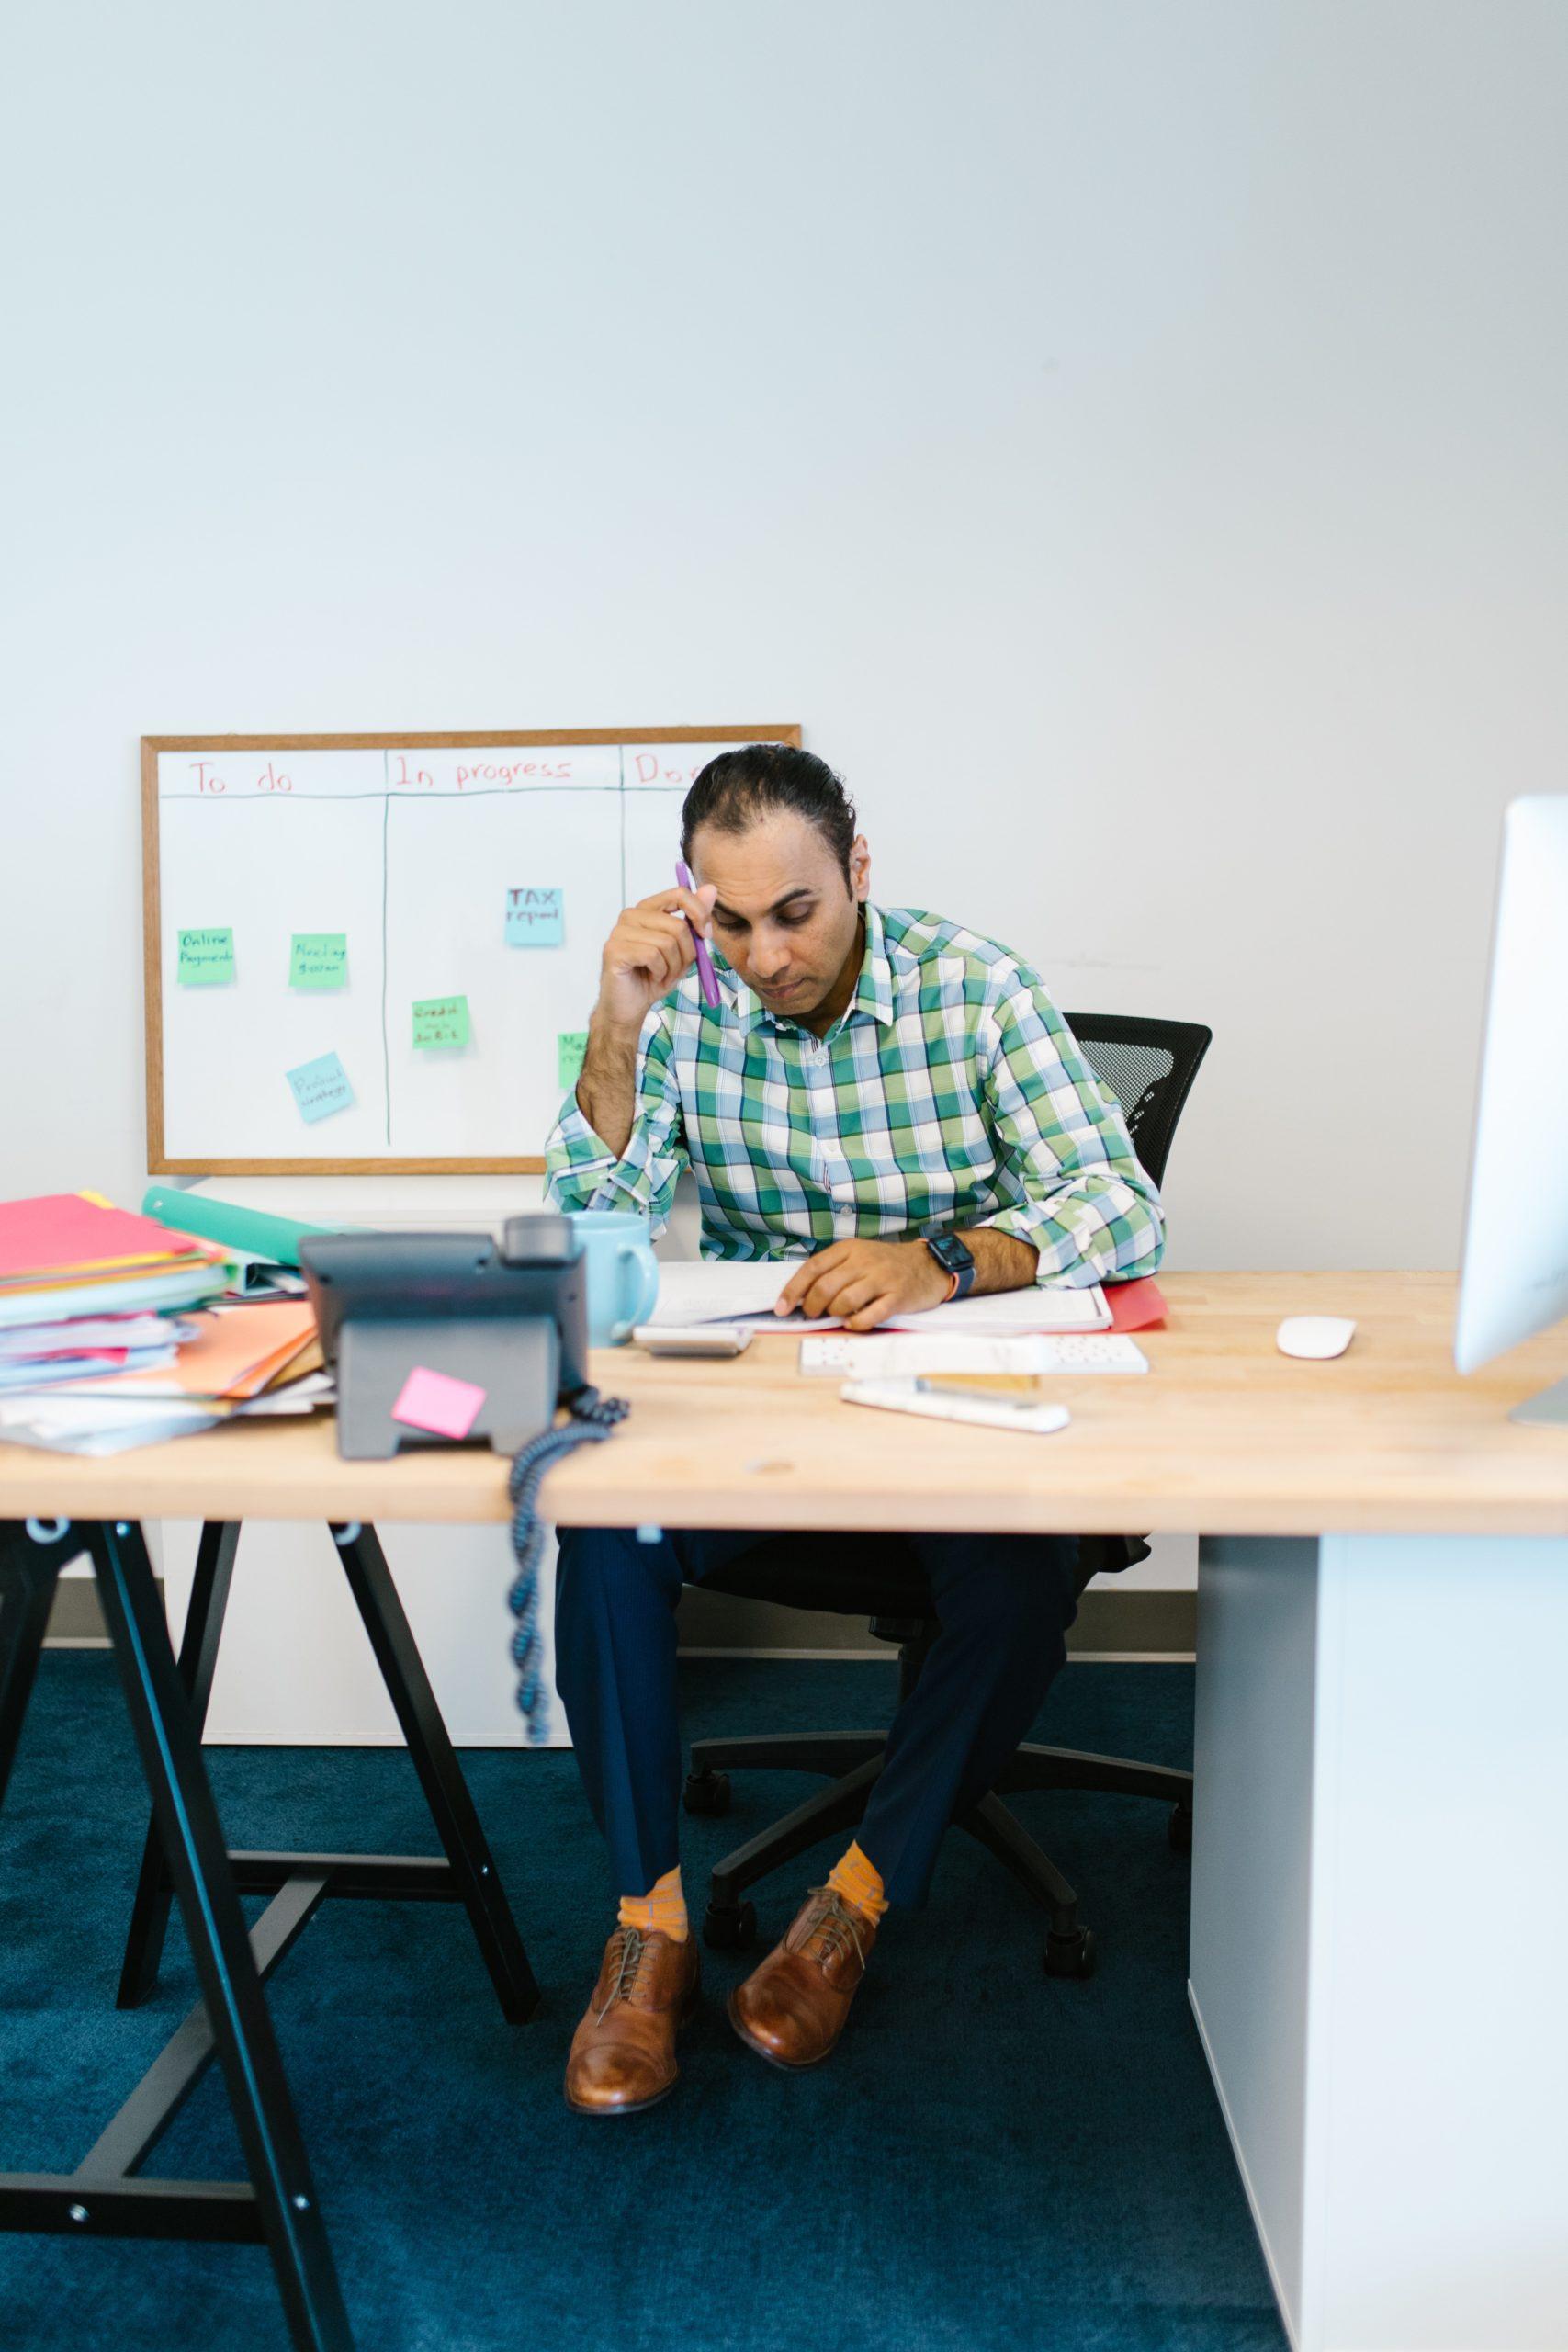 man overwork stress